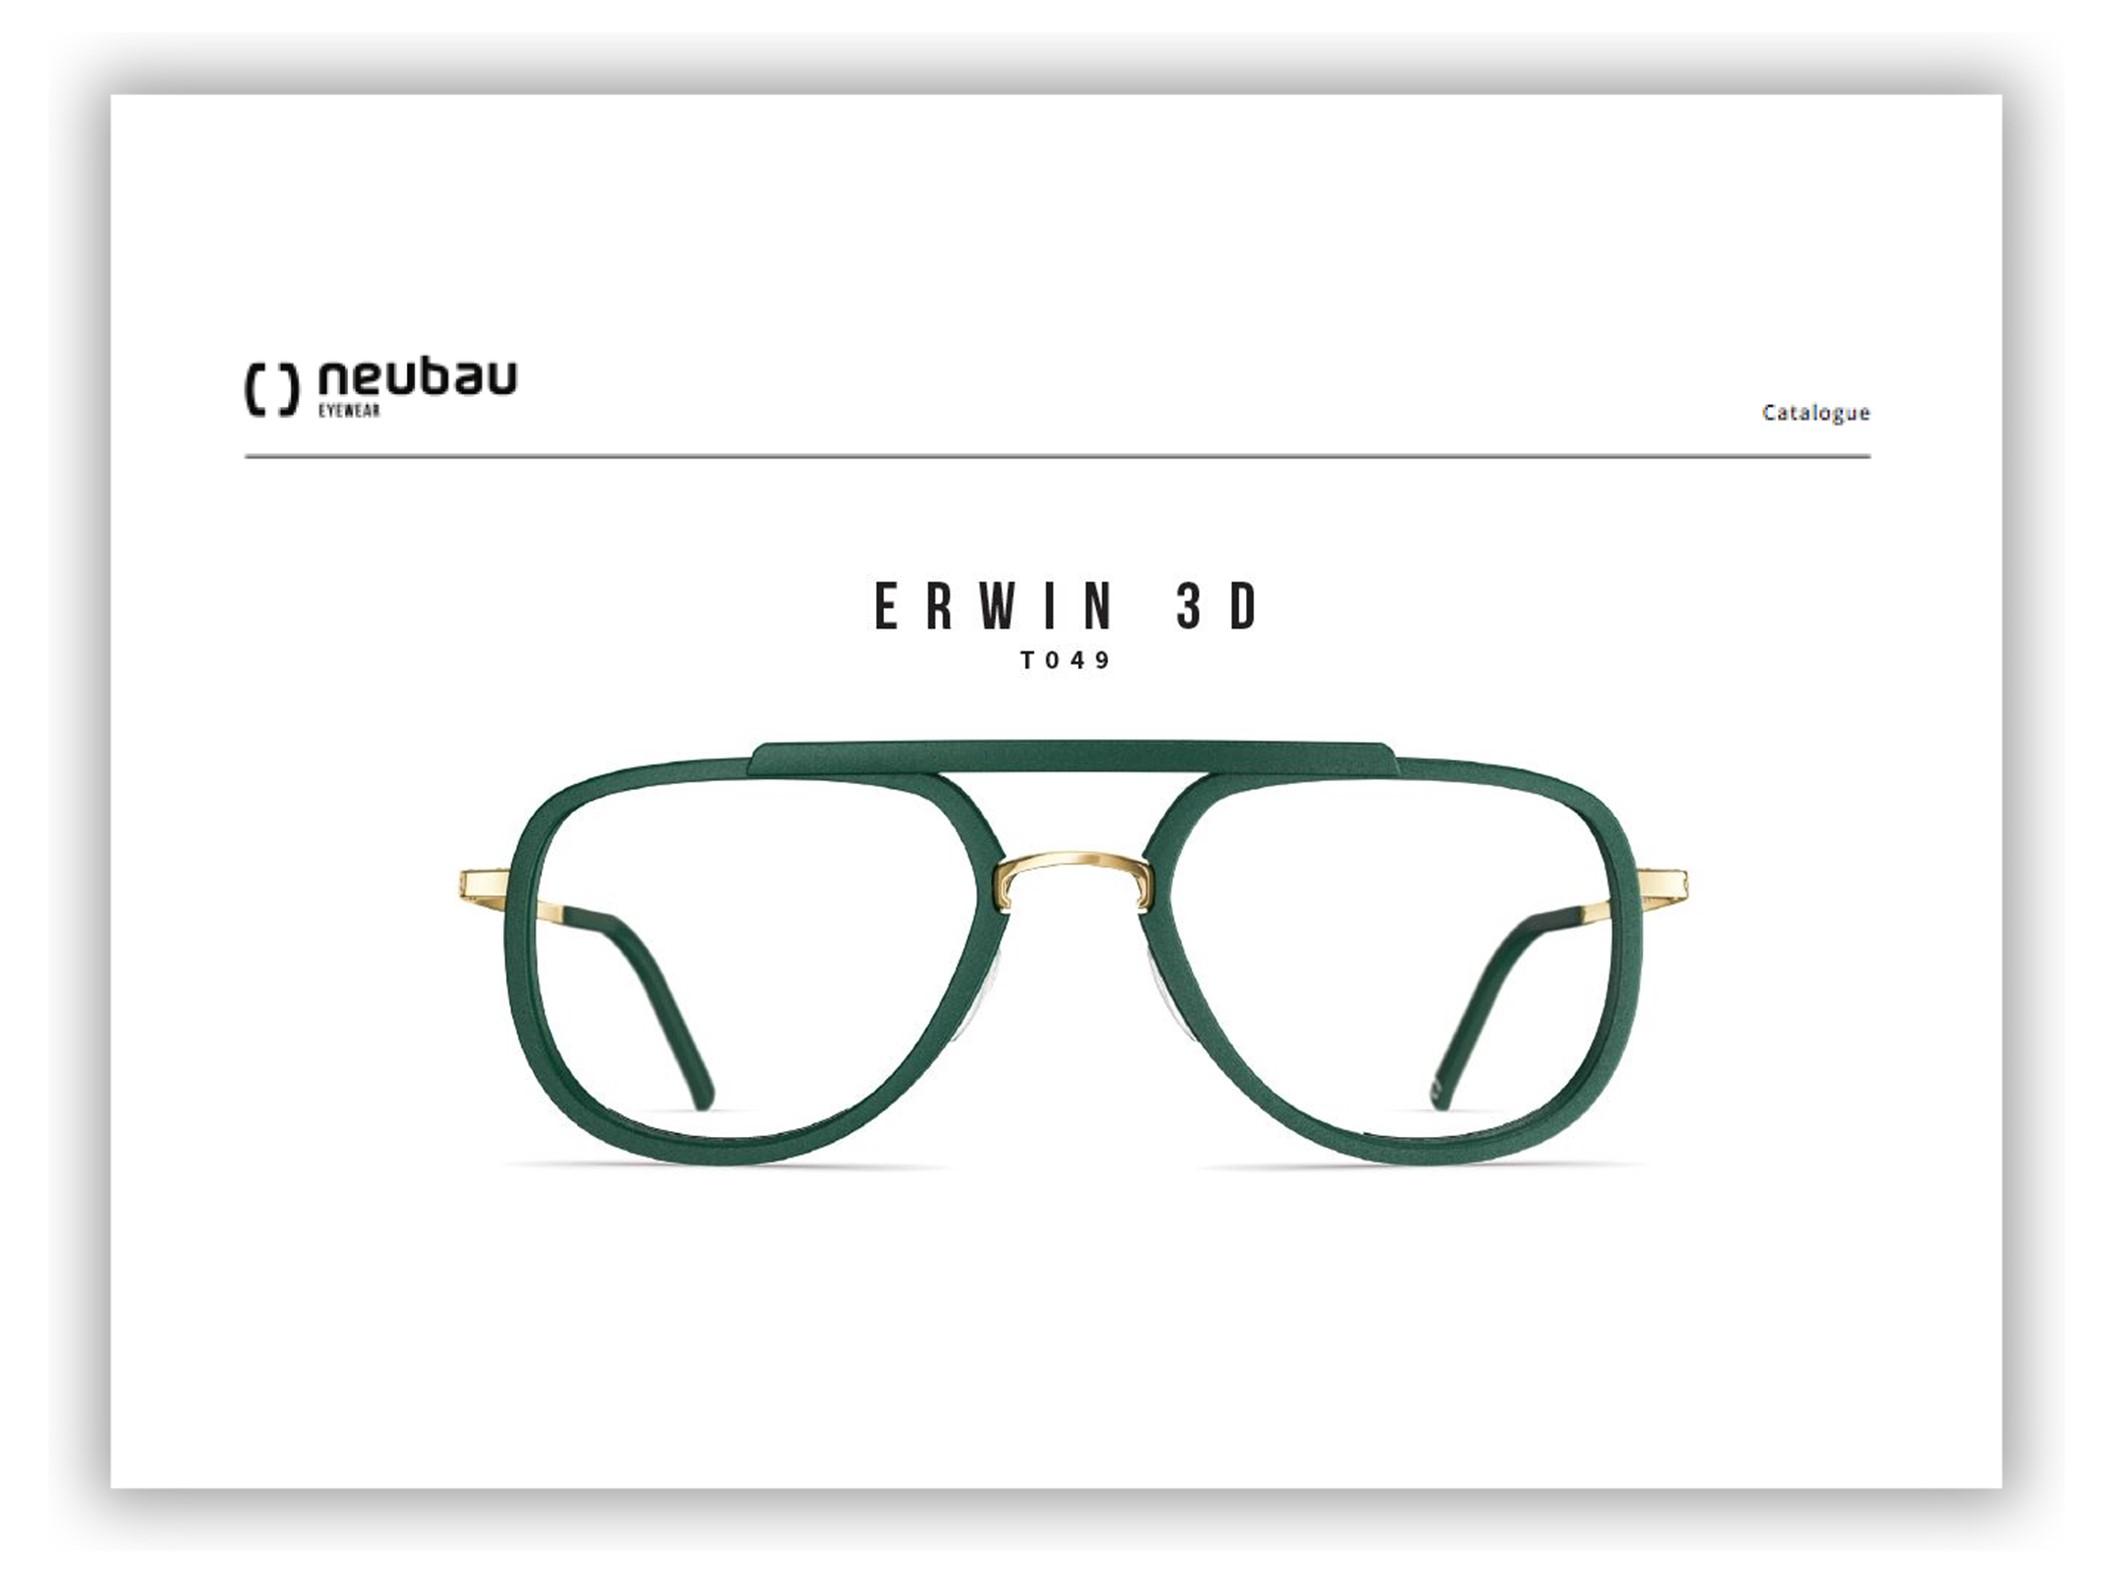 ERWIN 3D T049